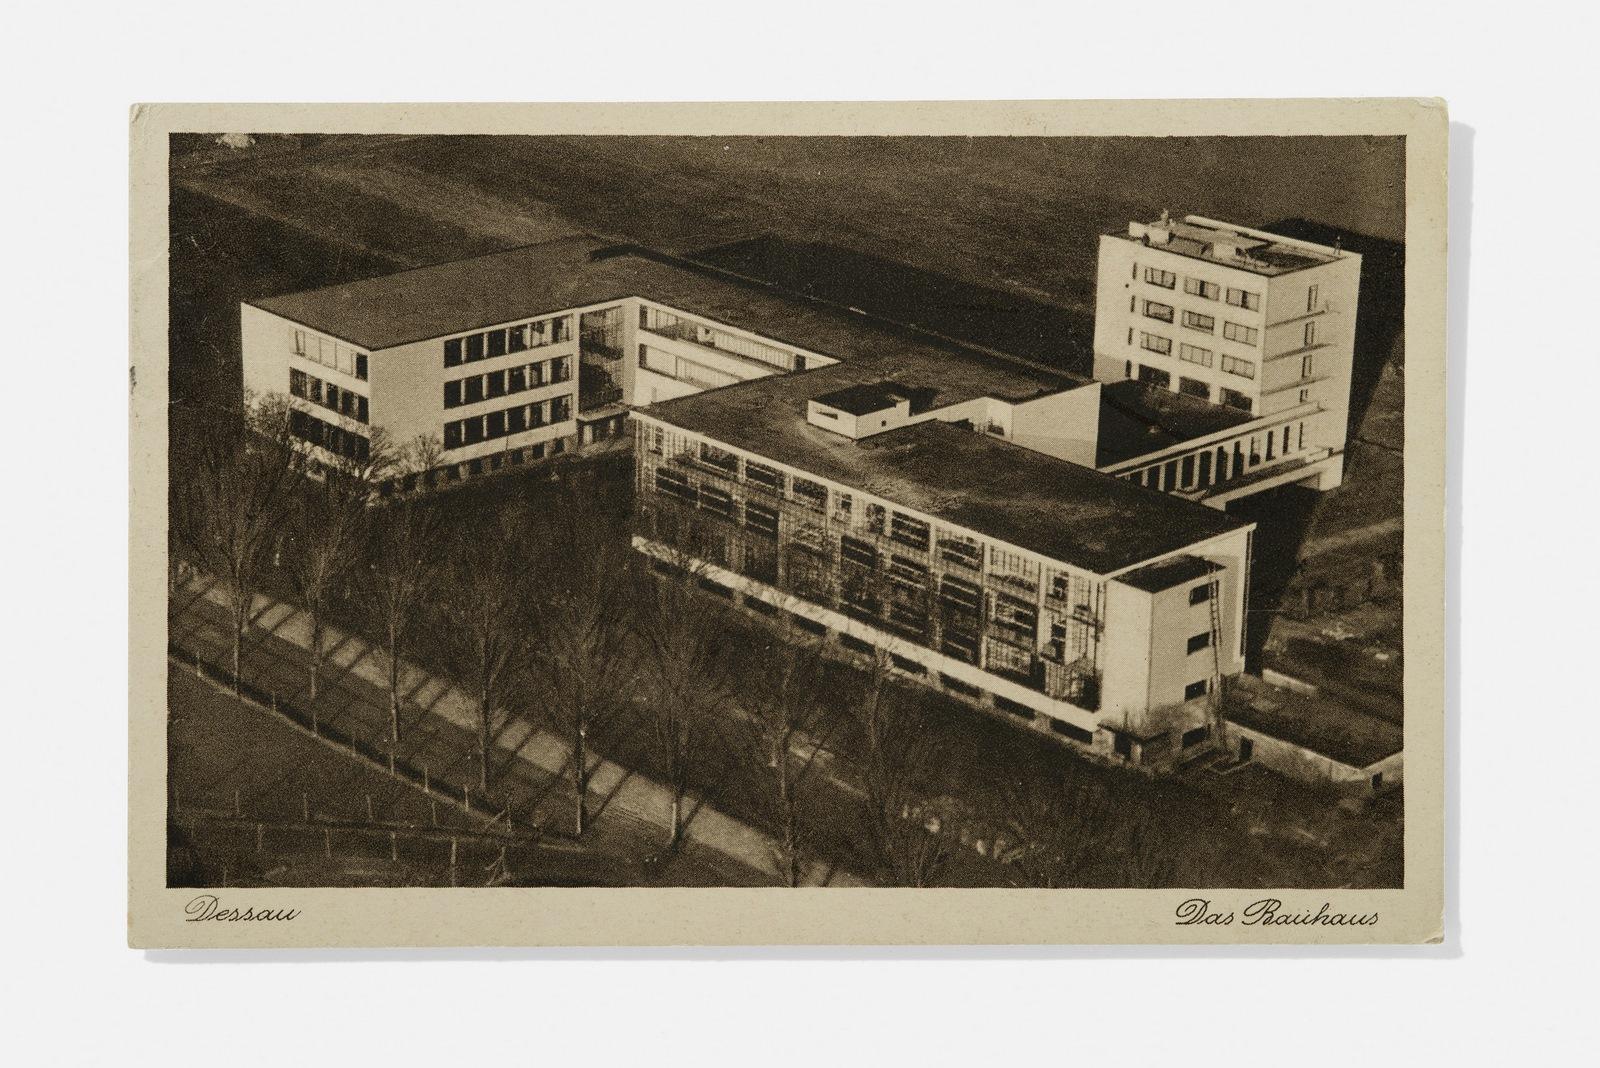 Vista aérea del edificio de la Bauhaus en Dessau, 1927.  Foto: A. Körner (bildhübsche Fotografie) / Gentileza ifa